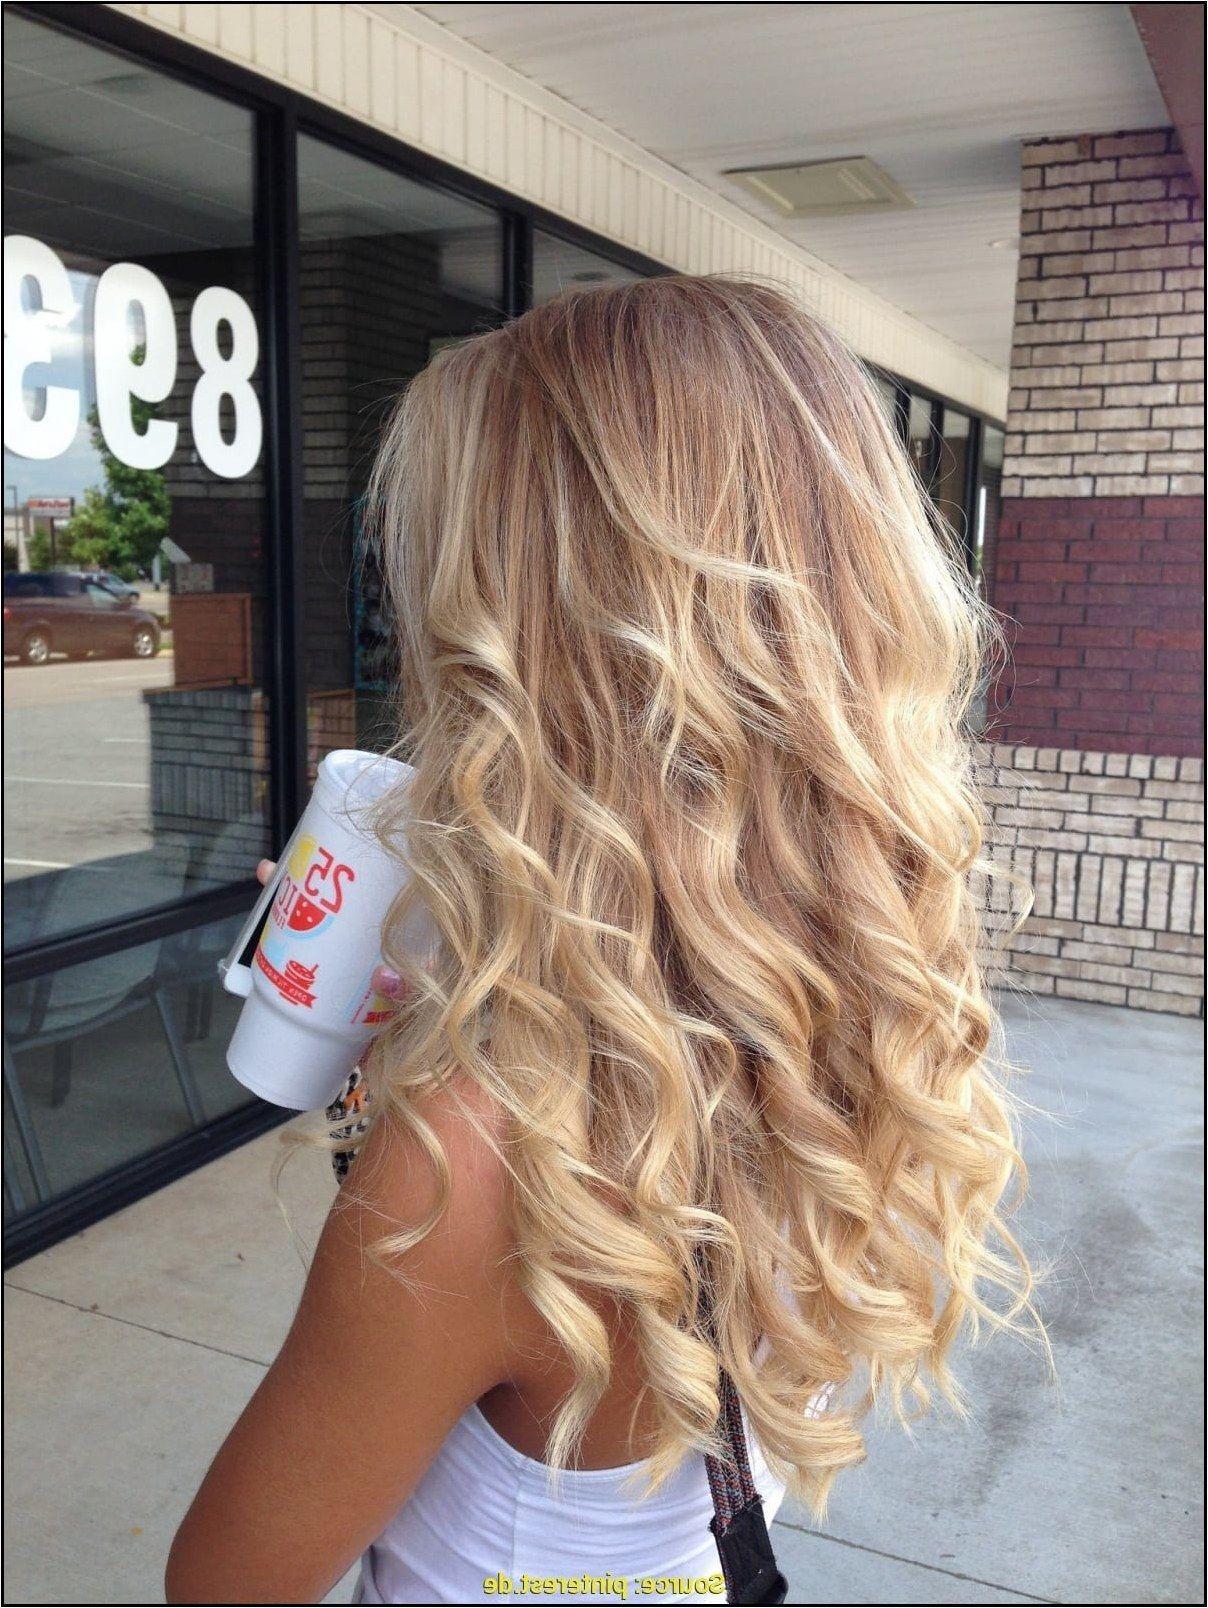 Haare dauerwelle kaputt - Beliebte Frisuren 2020